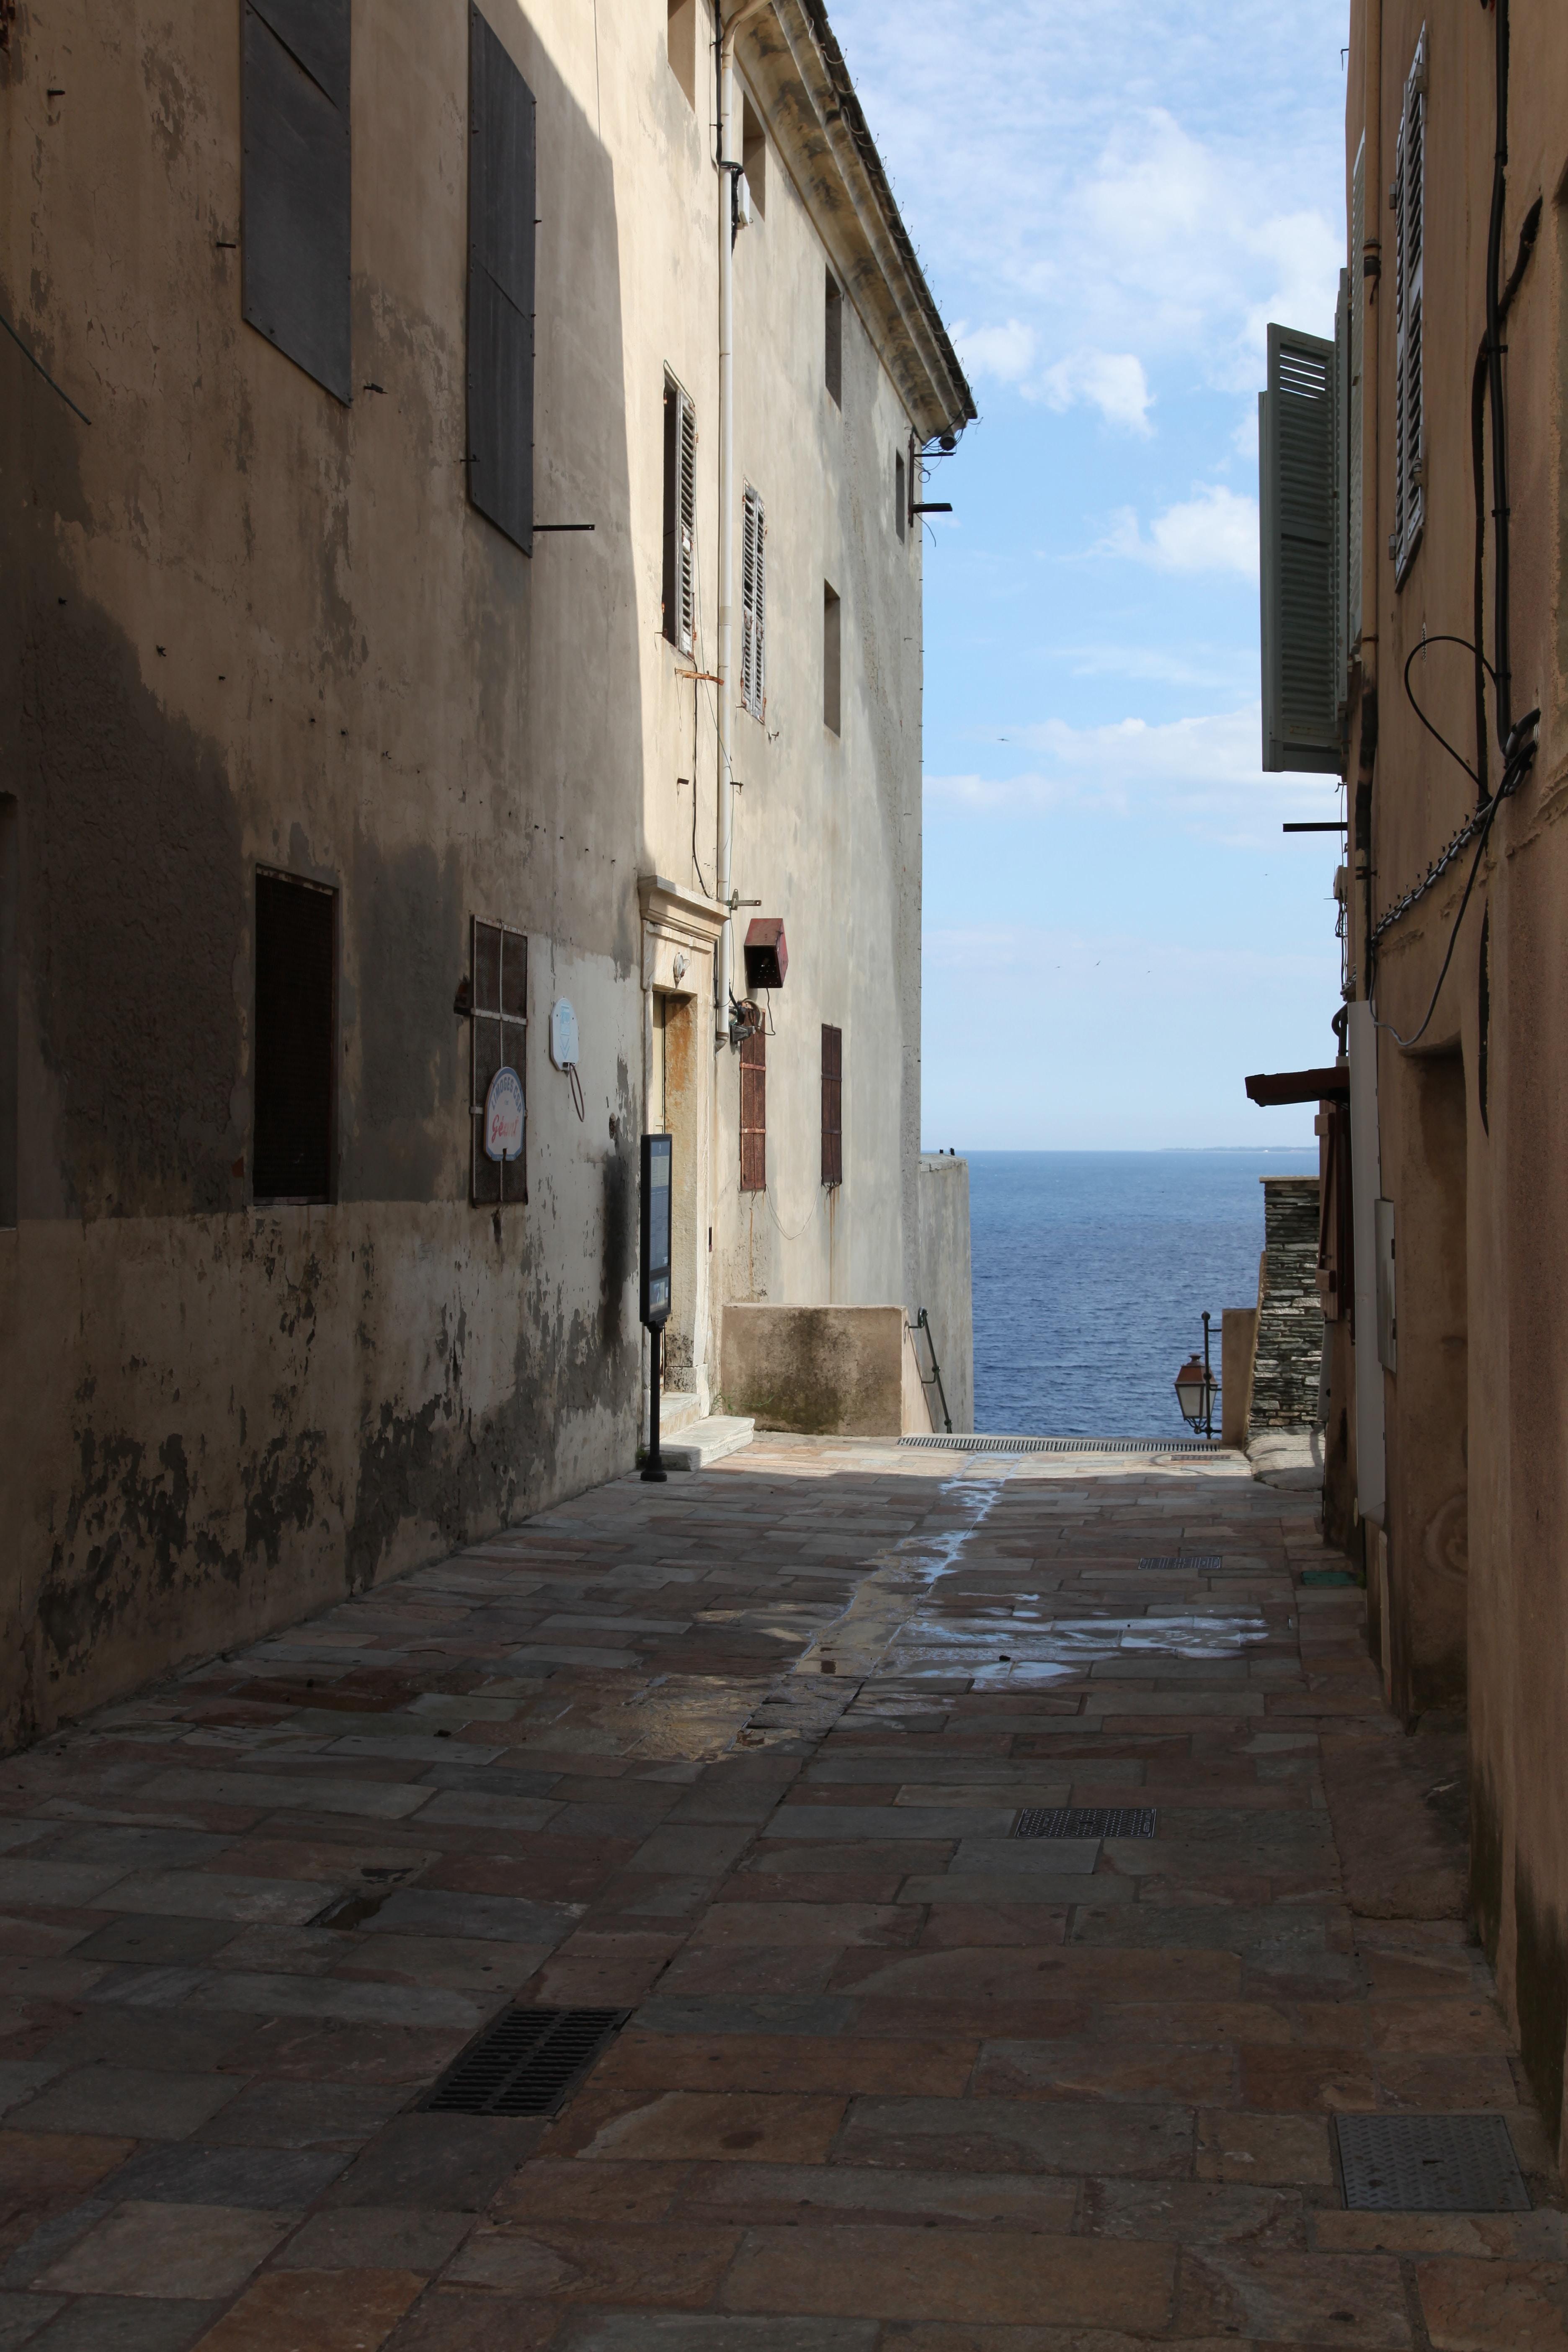 empty street near body of water